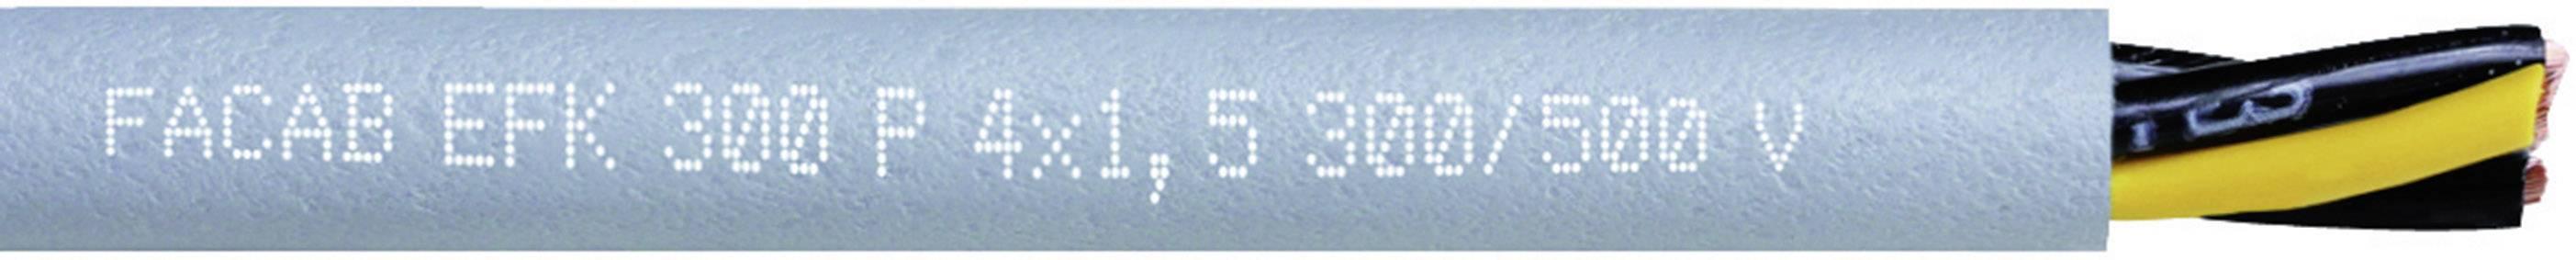 Tažný kabel Faber Kabel EFK 300 P AD300 - SCHLEPPLTG. TPE/PUR (035730), 5x 0,5 mm², polyurethan, Ø 6,1 mm, nes